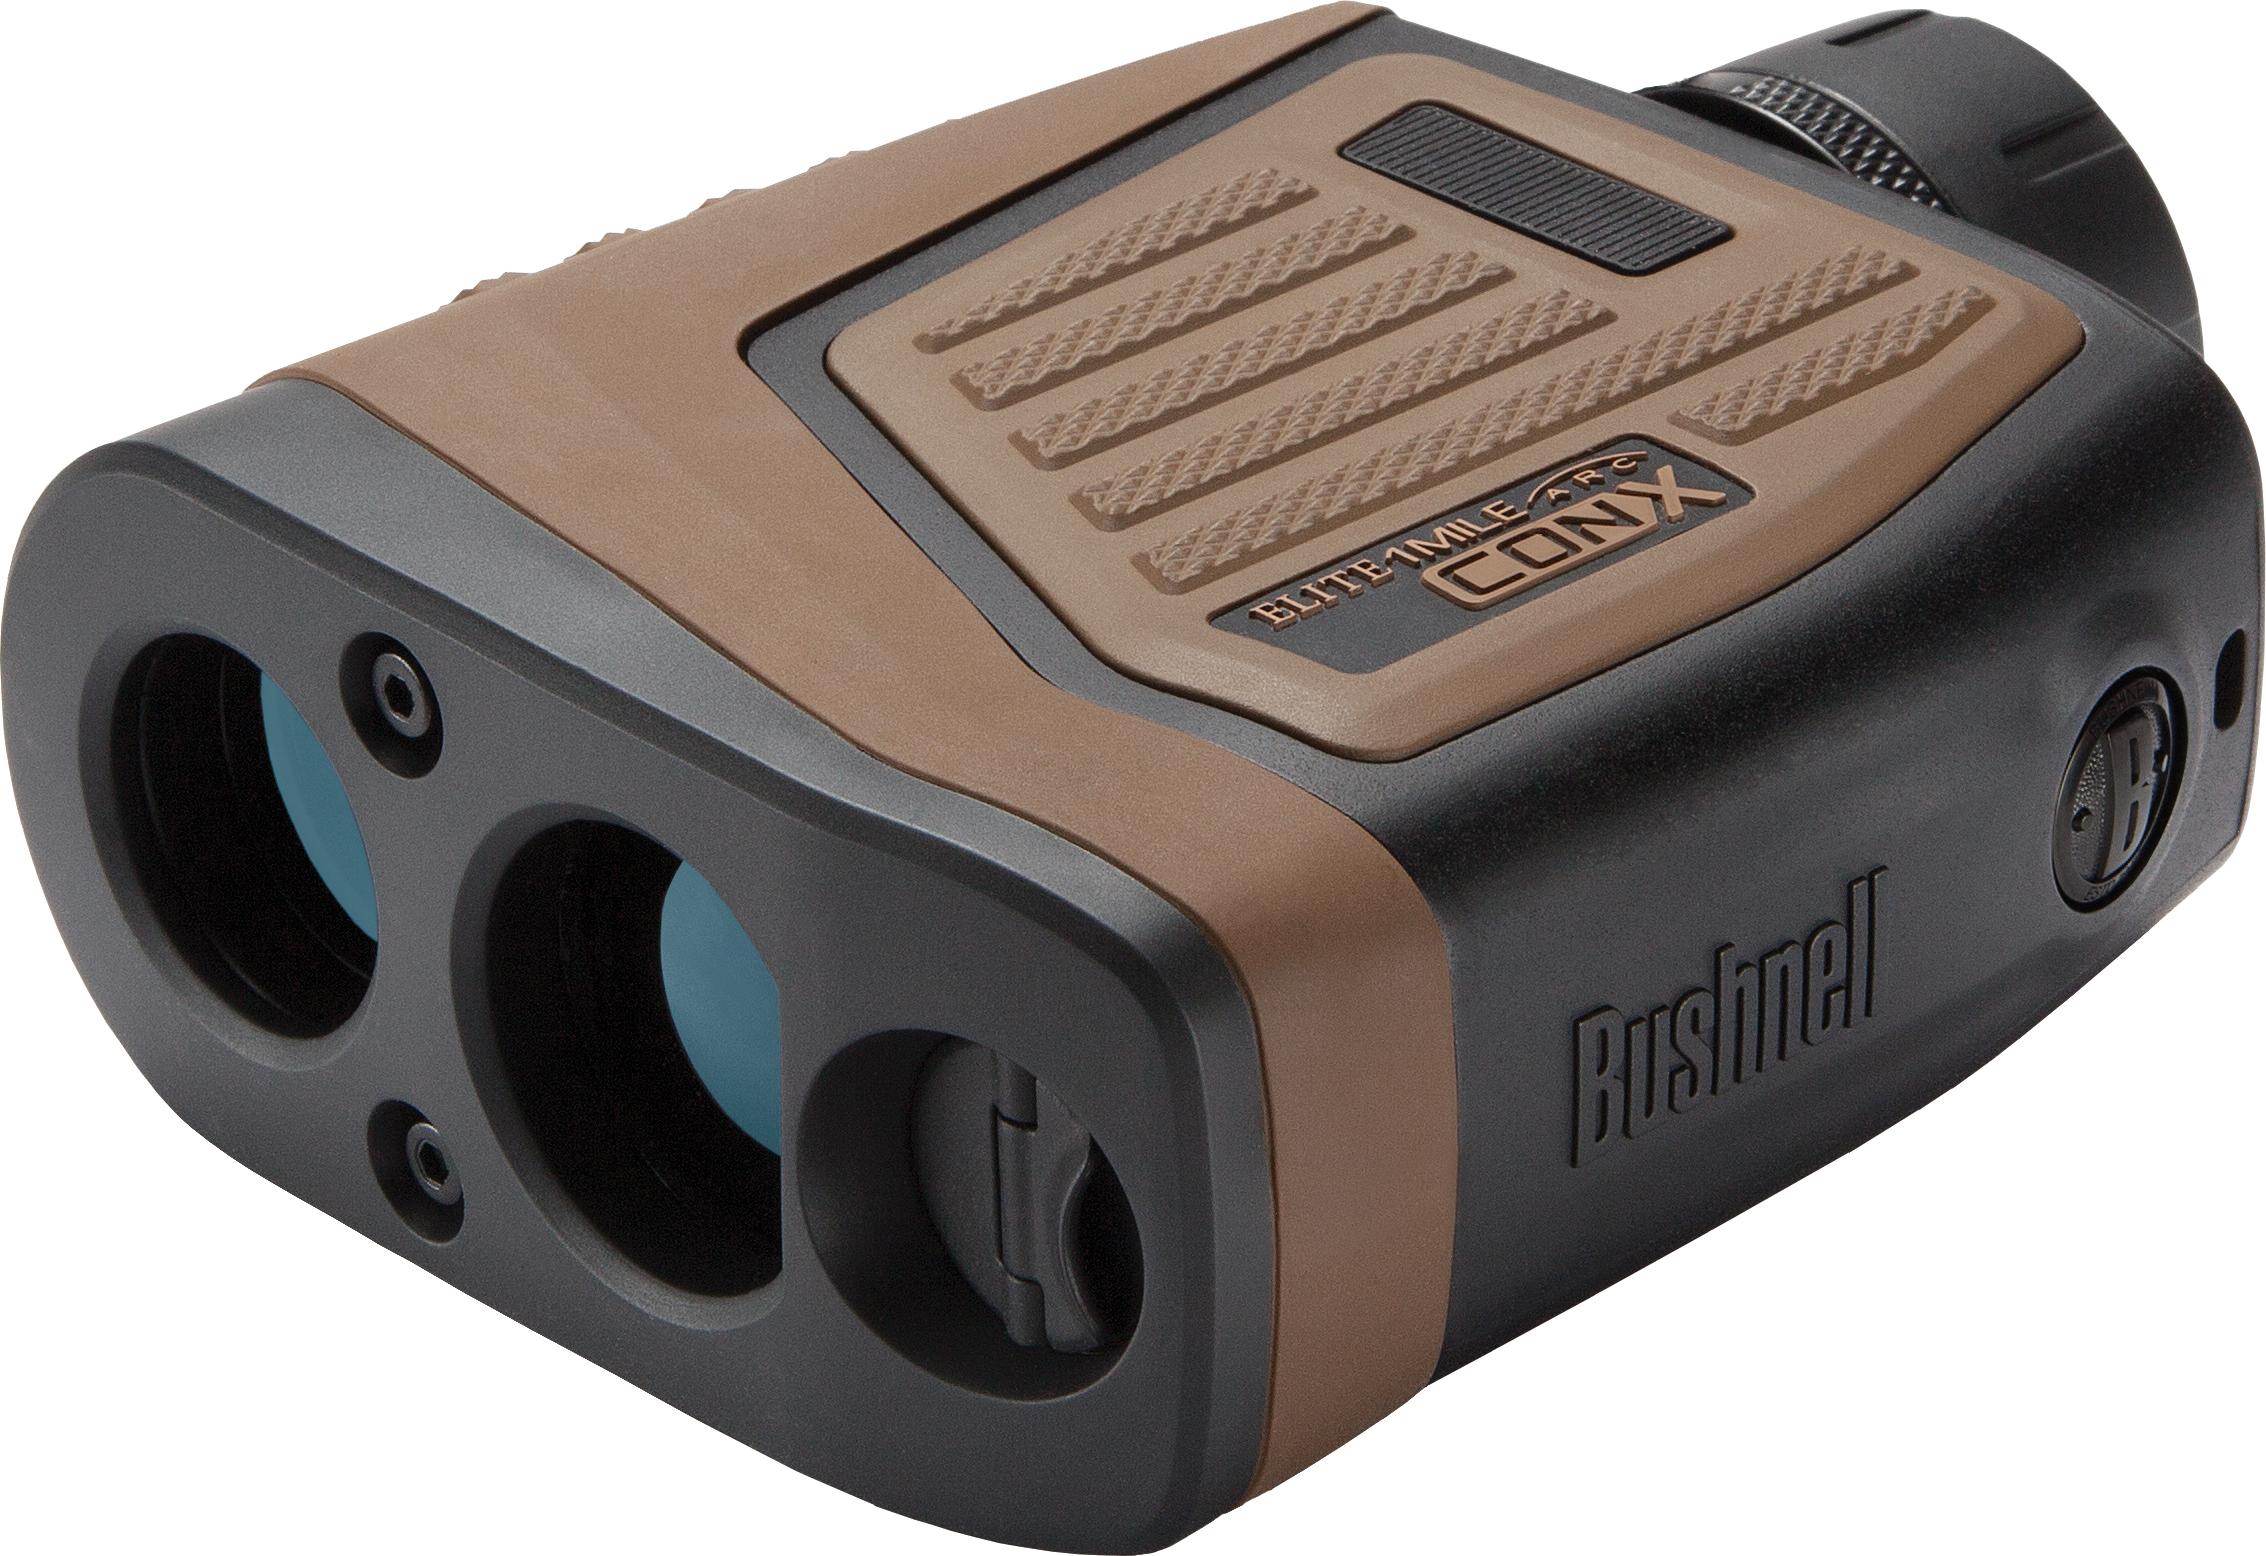 Bushnell Trophy Xtreme Entfernungsmesser : Teleskope ferngläser in besonderheiten tarnfarbe marke bushnell